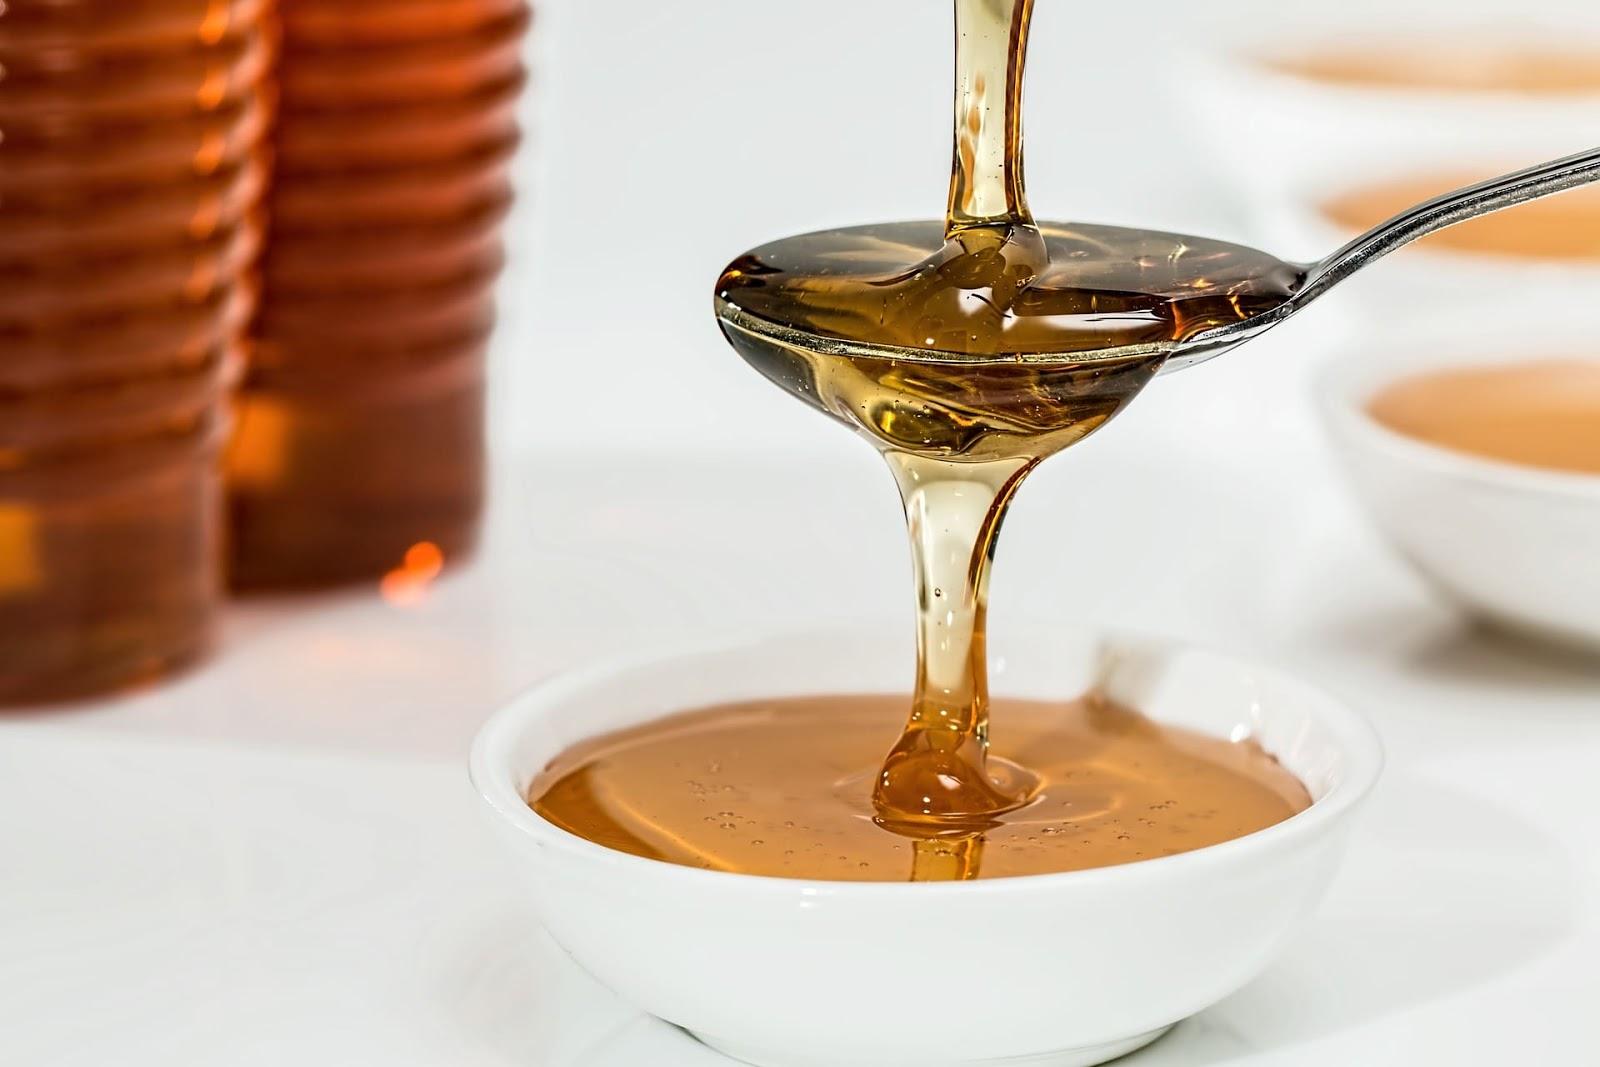 العسل لبياض العين،تجربتي مع العسل للعين،طريقة علاج جفاف العين بالعسل،علاج شبكية العين بالطب البديل،كيفية وضع العسل في العين،